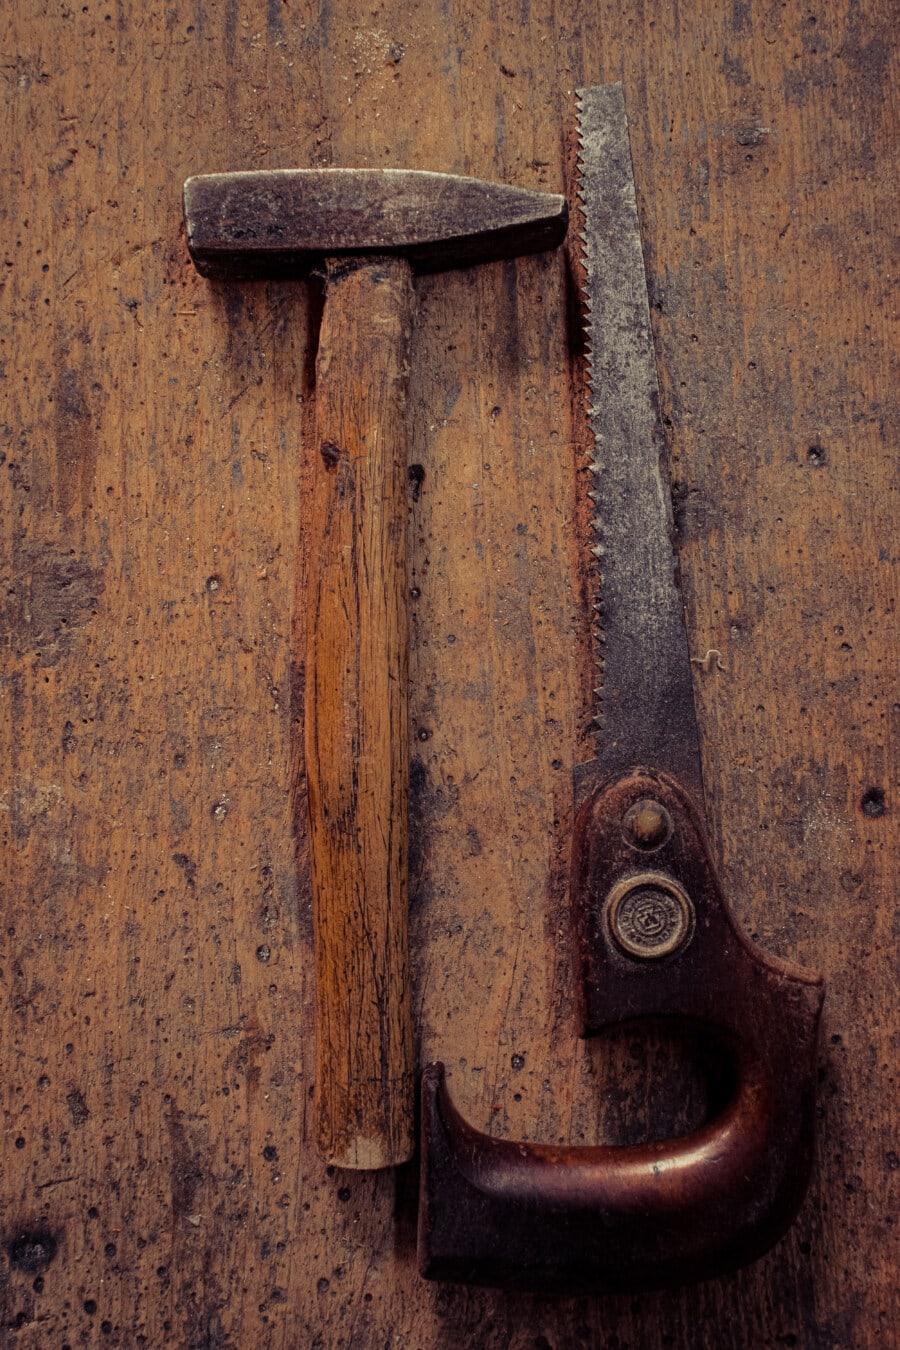 old, hammer, hammerhead, saw, sawdust, hand tool, workshop, rust, iron, latch